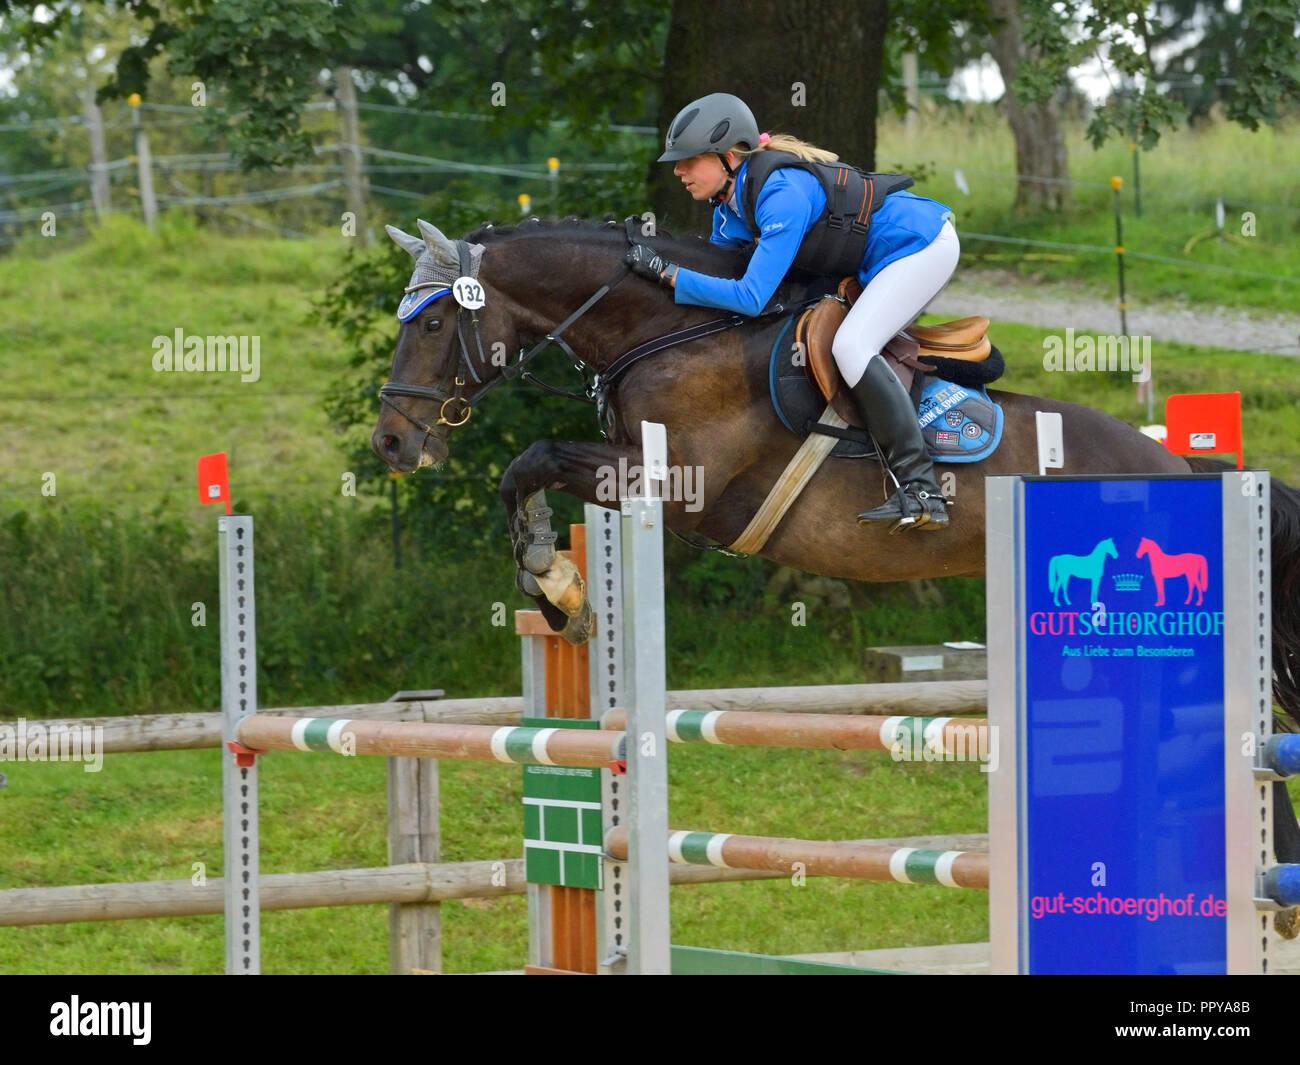 Salto de obstáculos Imagen De Stock